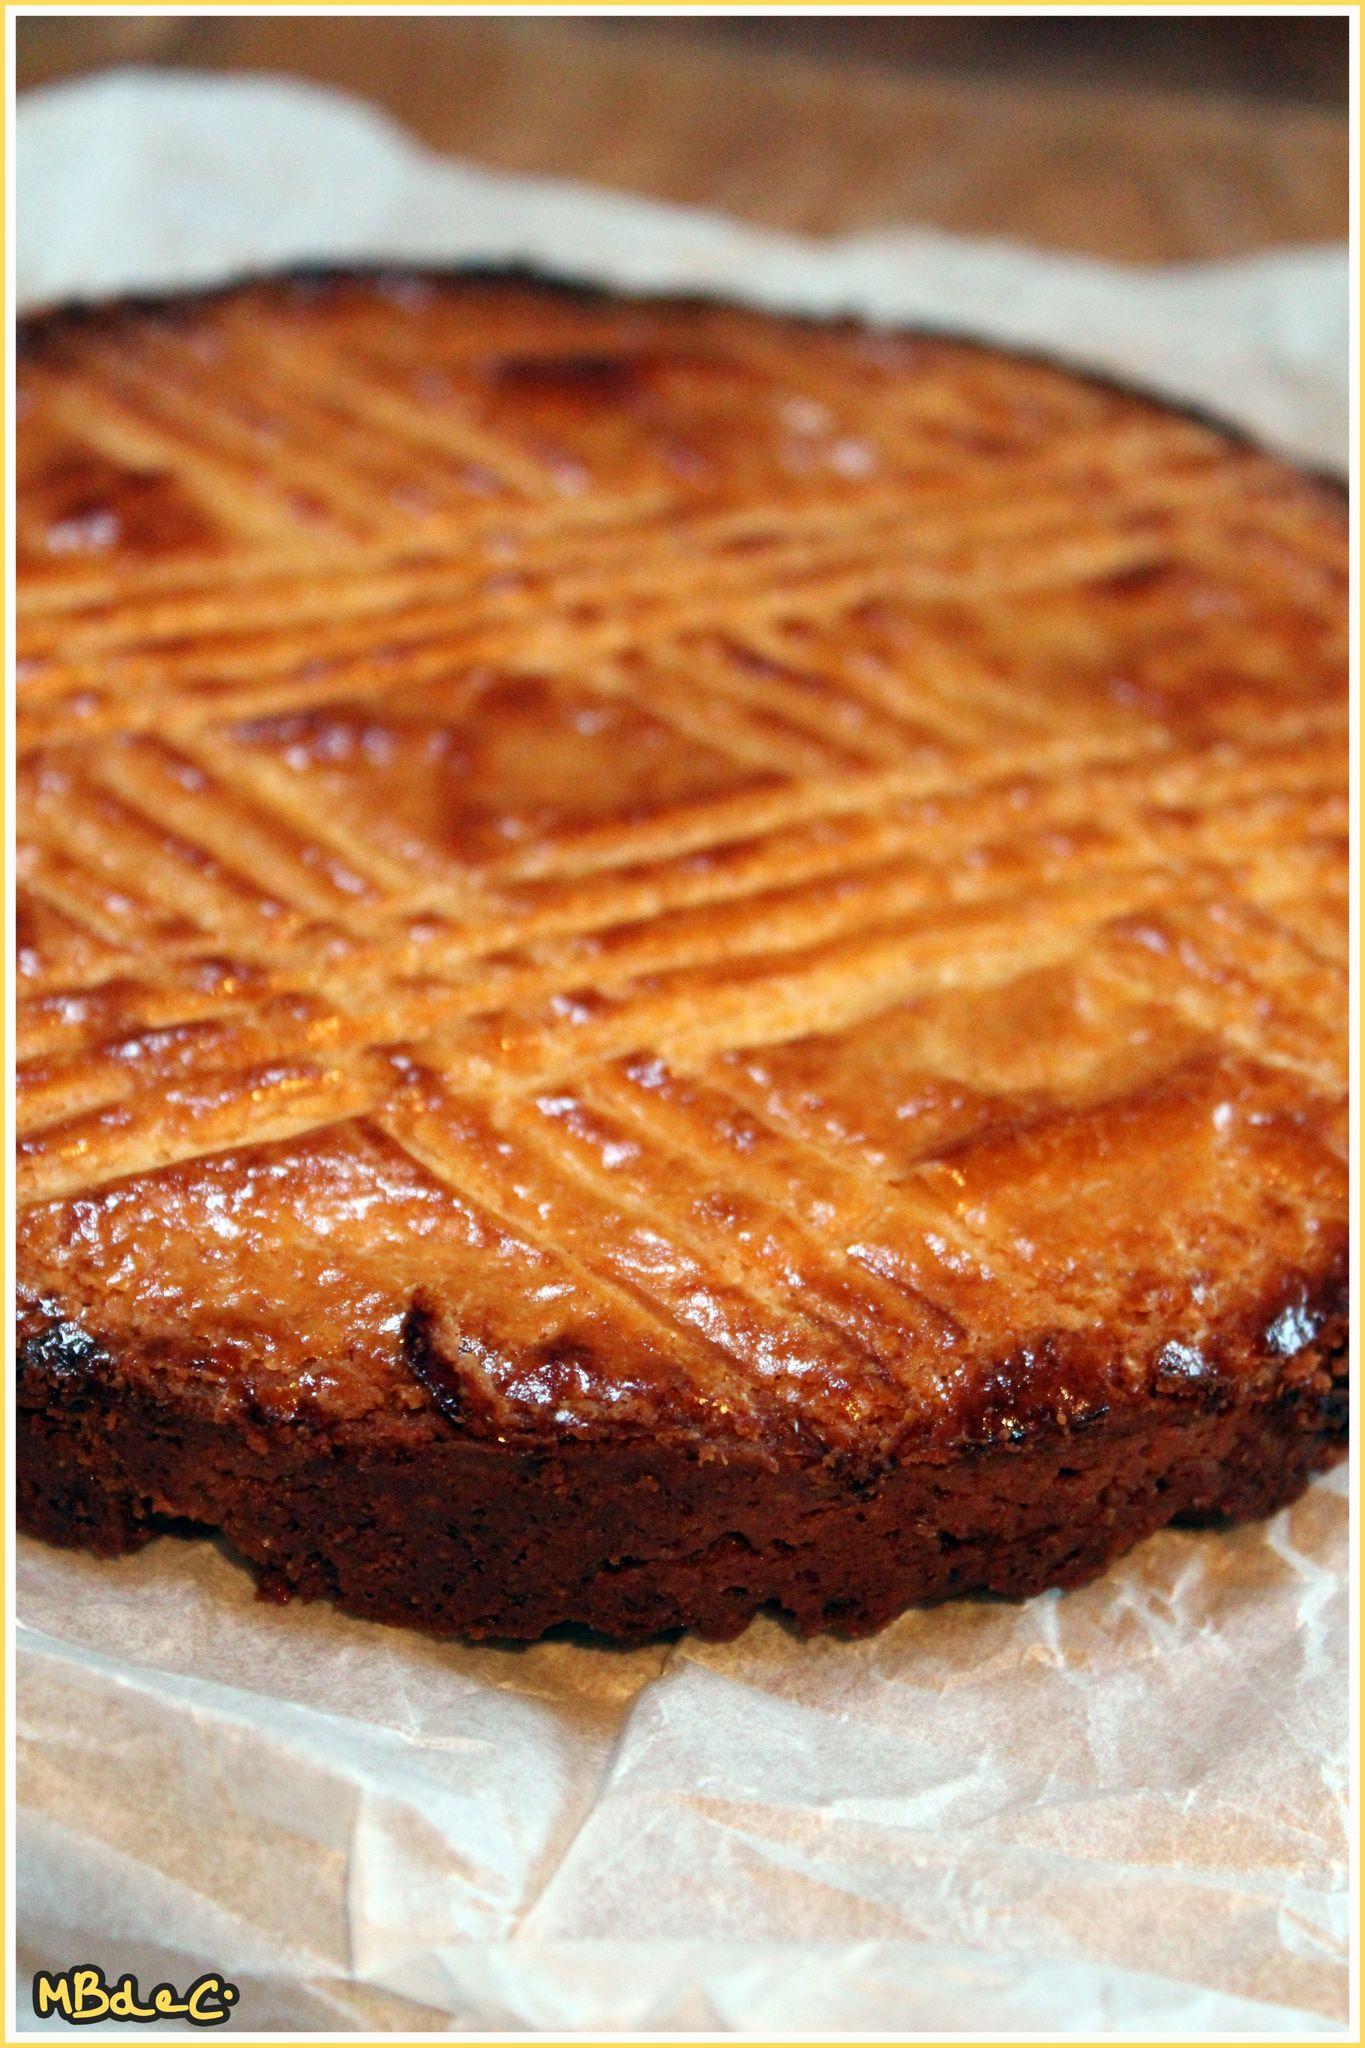 Recette Gateau Breton Grand Mere : recette, gateau, breton, grand, Gâteau, Breton, Traditionnel,, Beurre, Brouillons, Cuisine